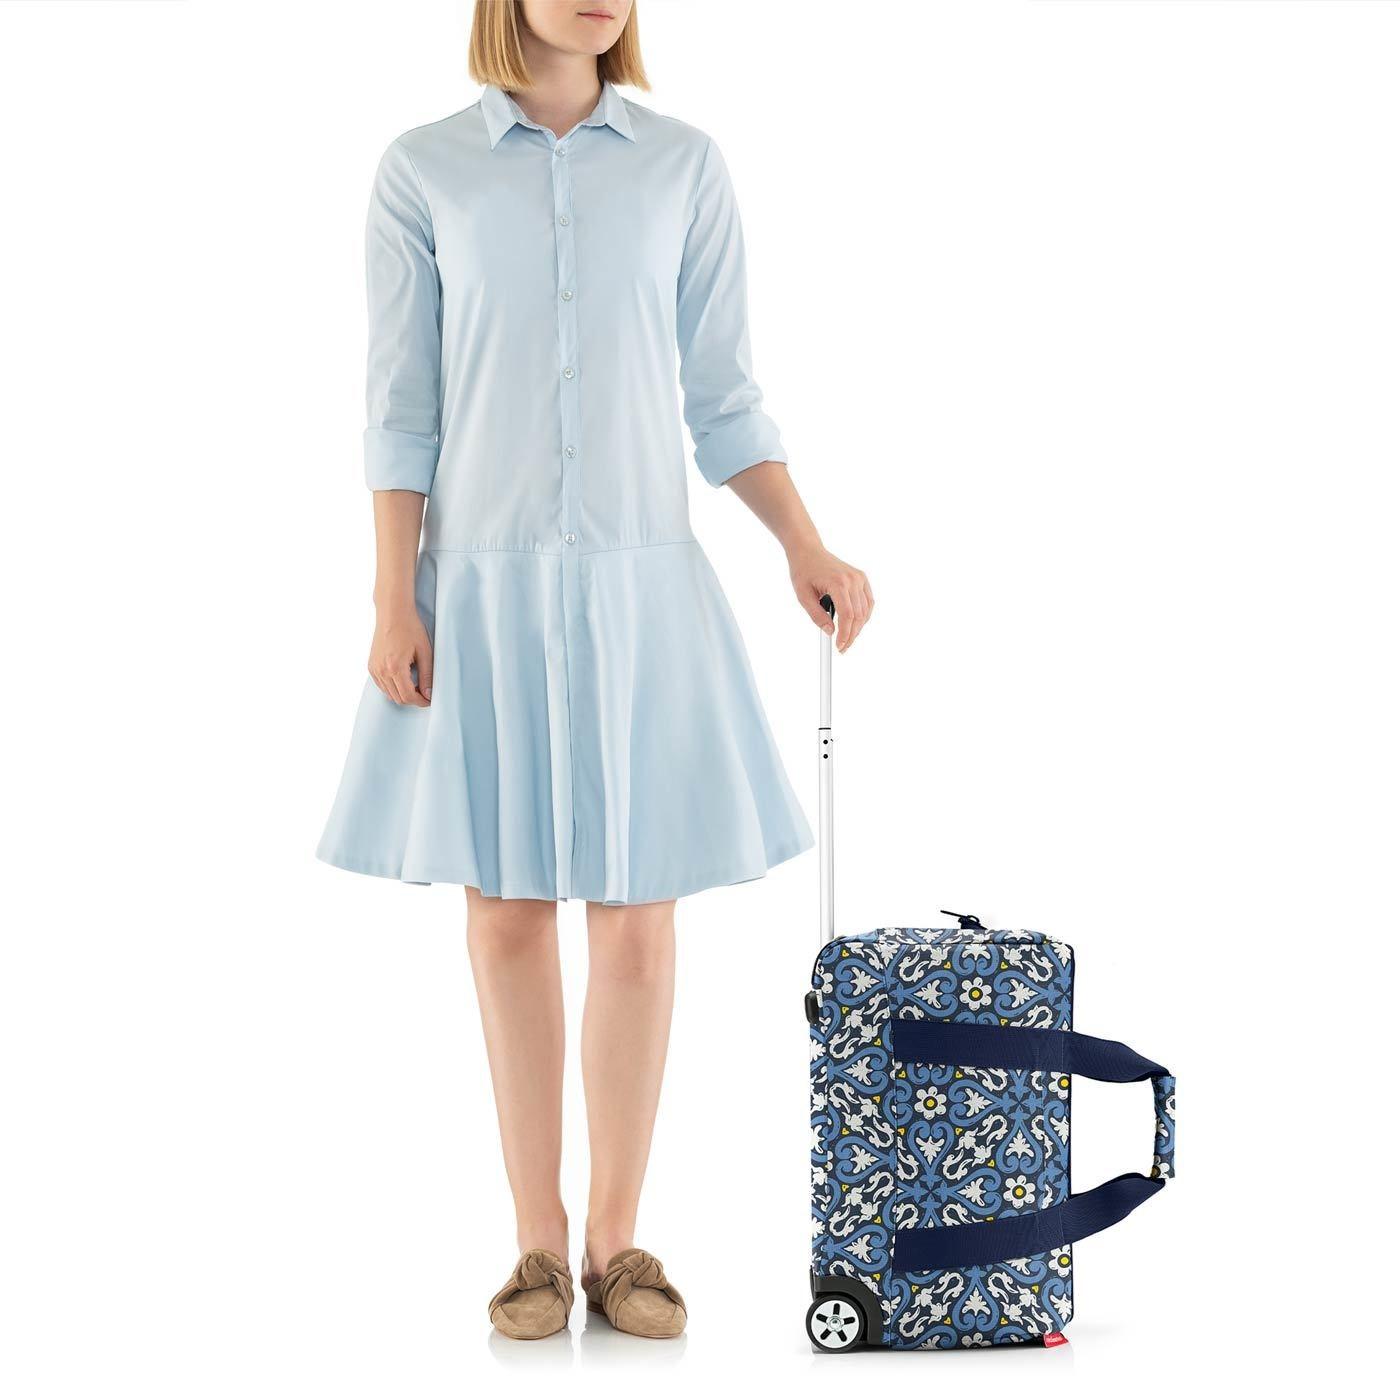 Cestovní taška na kolečkách Allrounder trolley floral 1_3